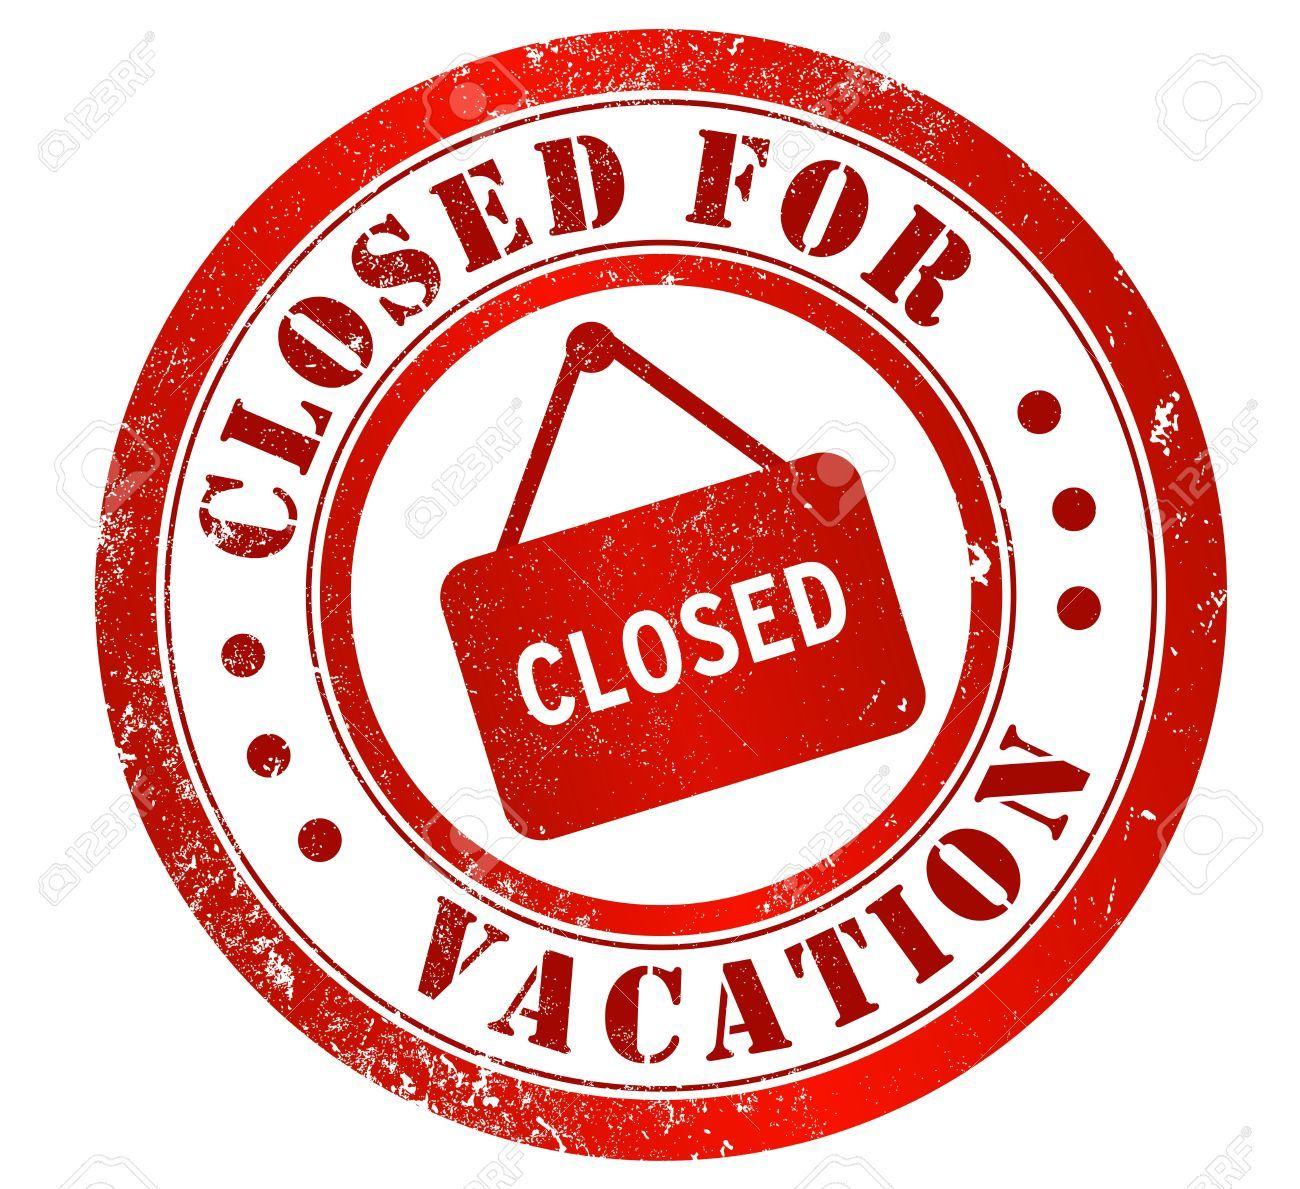 19424316 cerrado por vacaciones del sello del grunge en el lenguaje 19424316 cerrado por vacaciones del sello del grunge thecheapjerseys Image collections